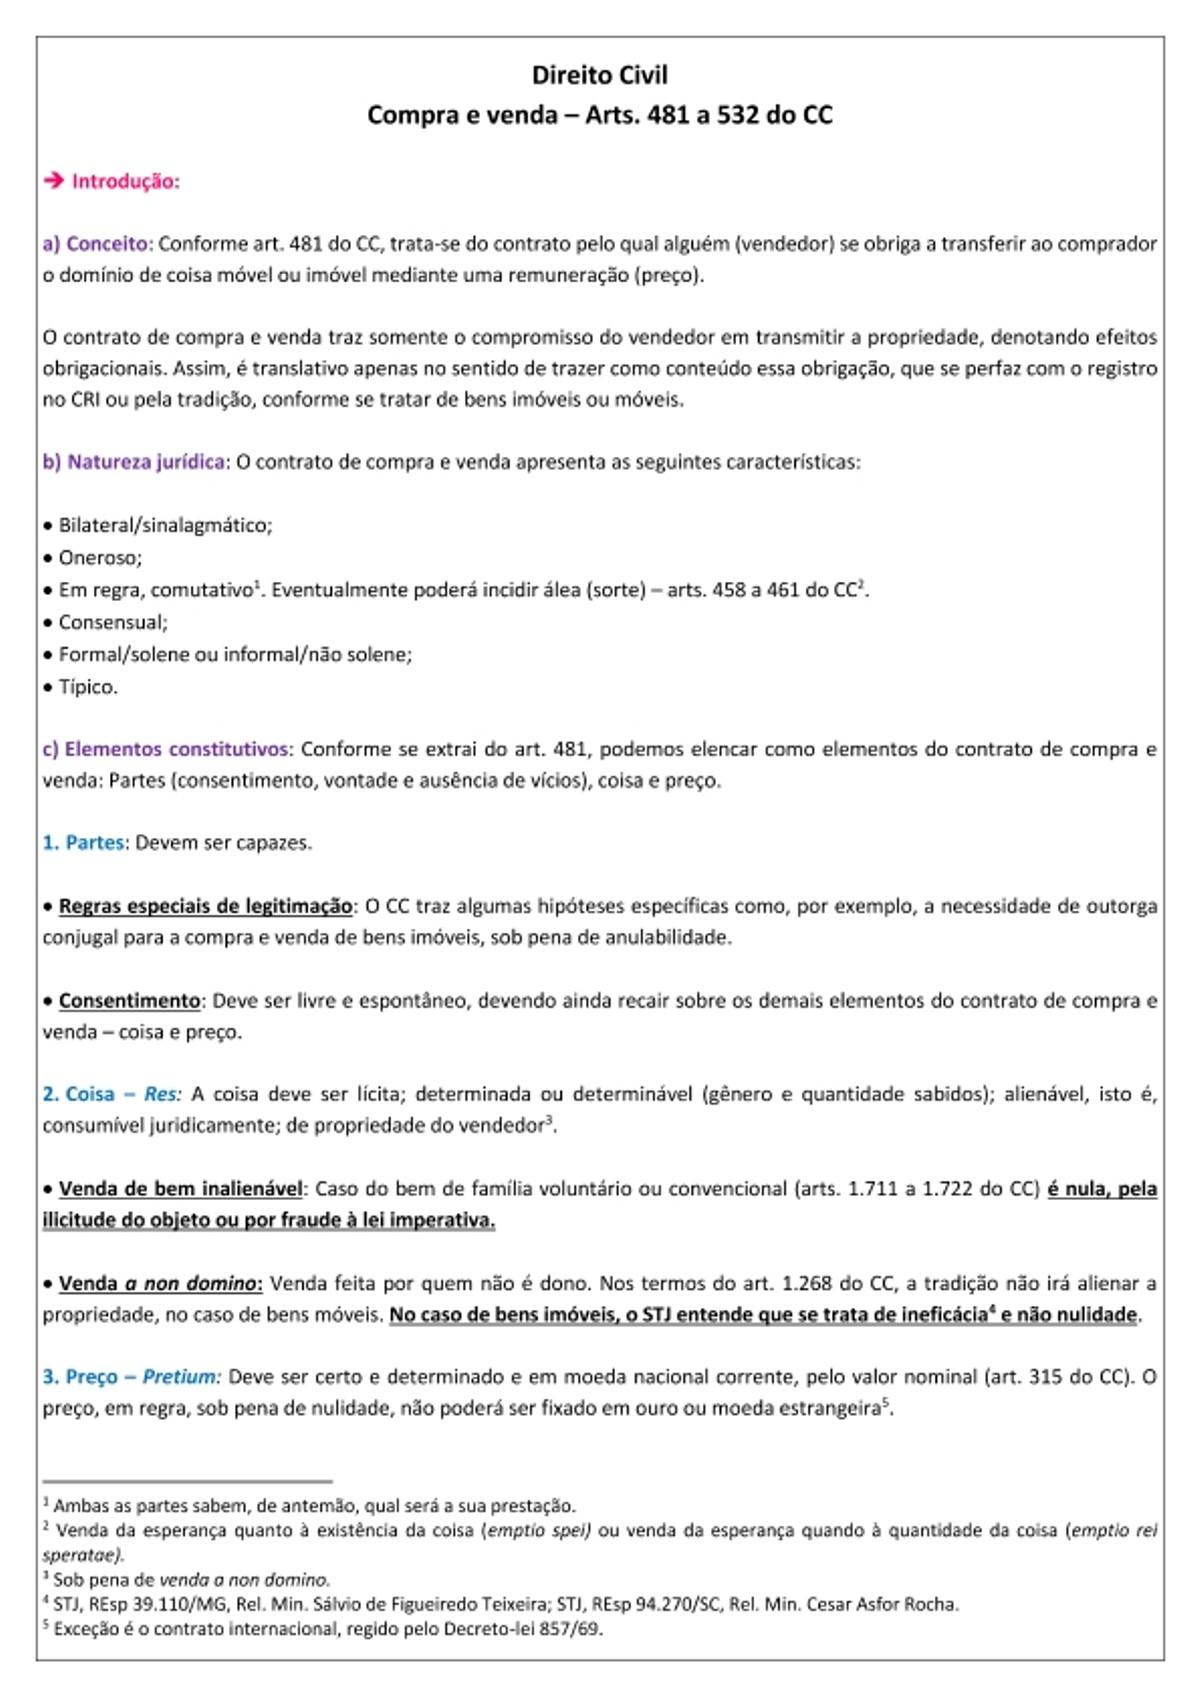 Pre-visualização do material CONTRATO DE COMPRA E VENDA - página 1